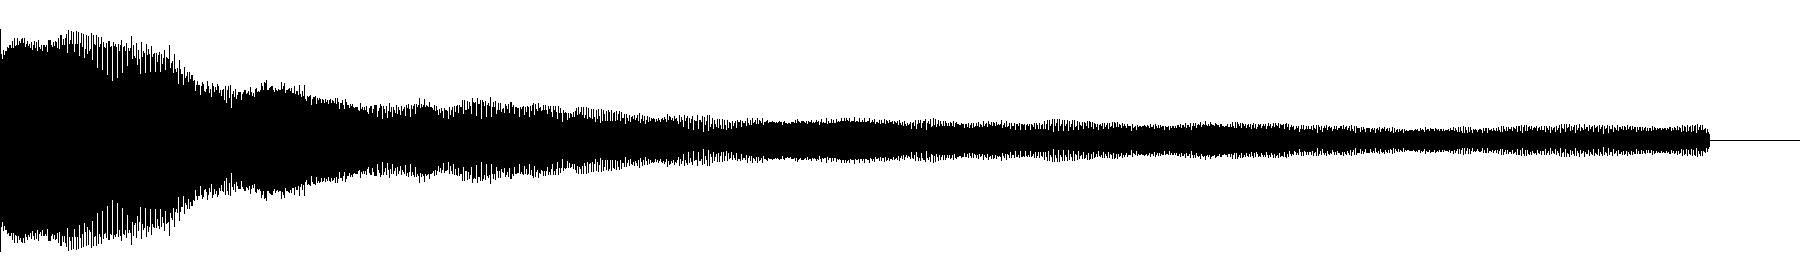 68439 piano bb wav